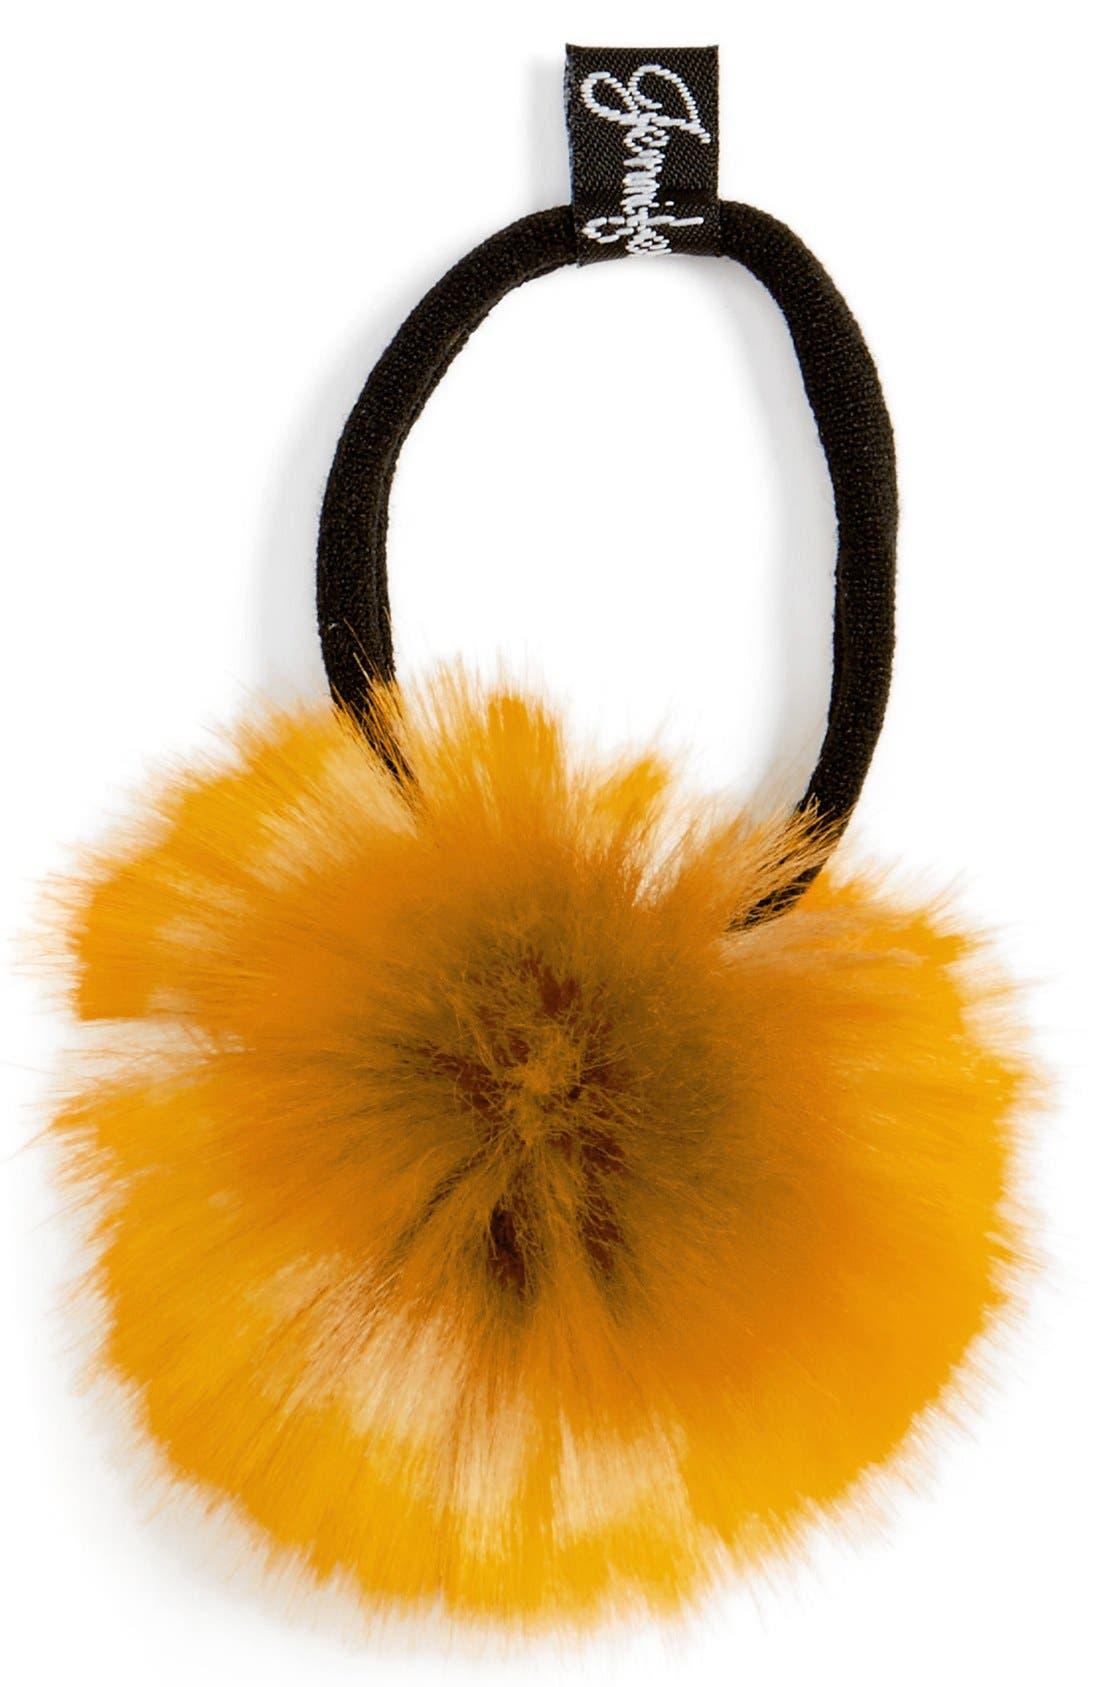 Alternate Image 1 Selected - Jennifer Ouellette Faux Fur Pompom Ponytail Holder